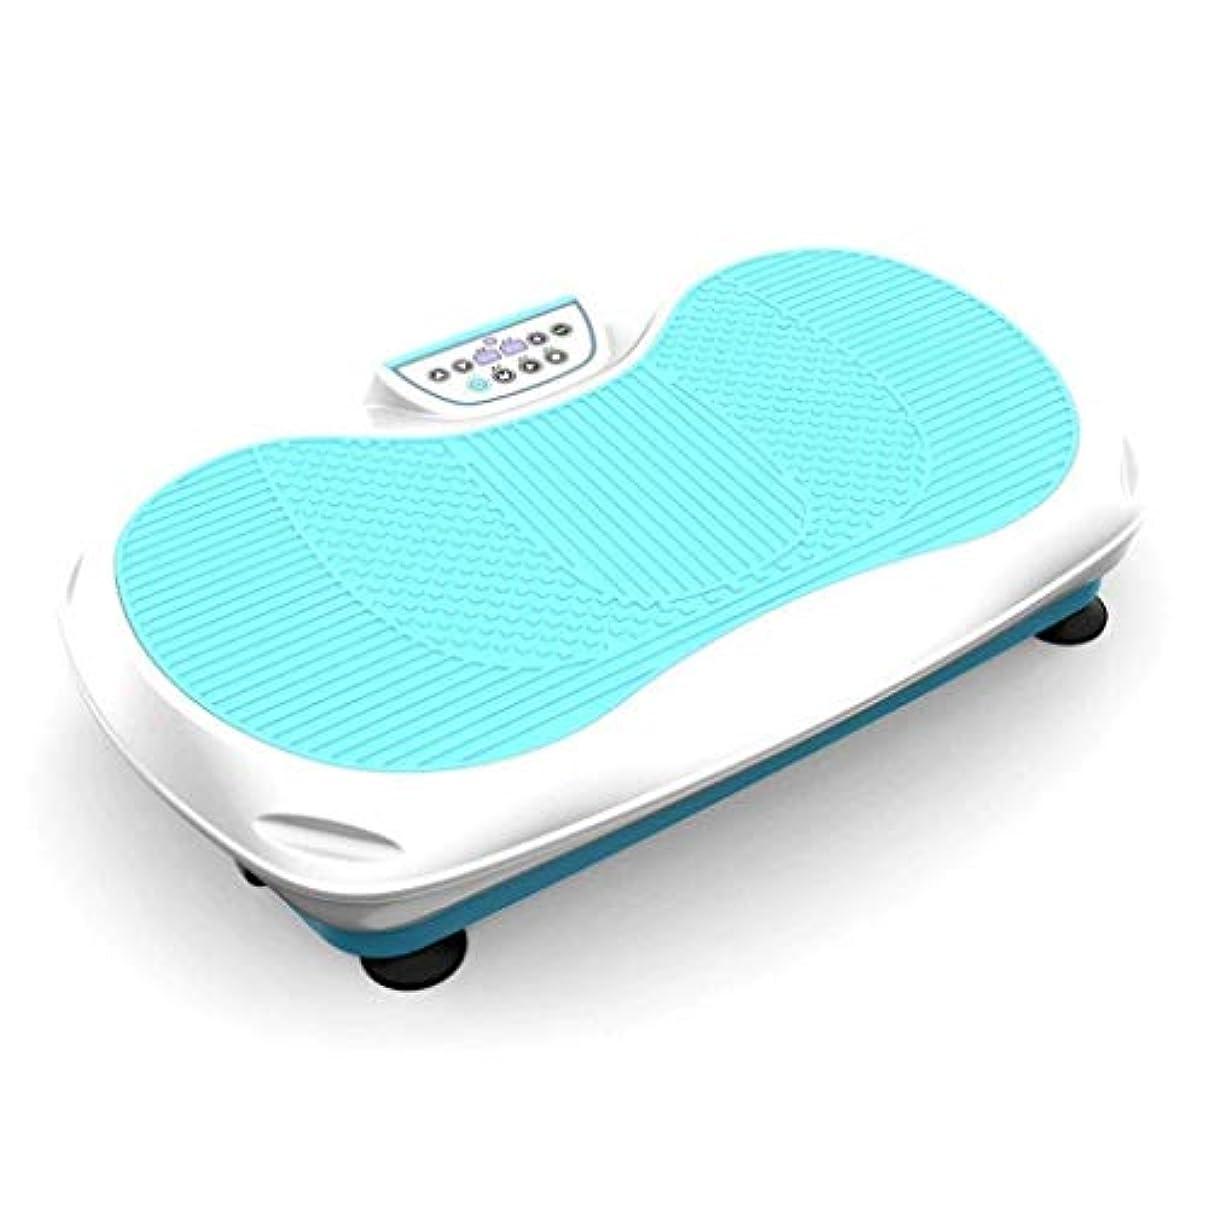 急勾配の失速講義ホーム減量デバイス、バイブレーションフィットネストレーナー、スポーツおよび3Dフィットネスバイブレーションボード、リモートコントロールおよび99減量、ユニセックス、過剰な脂肪の削減 (Color : 青)